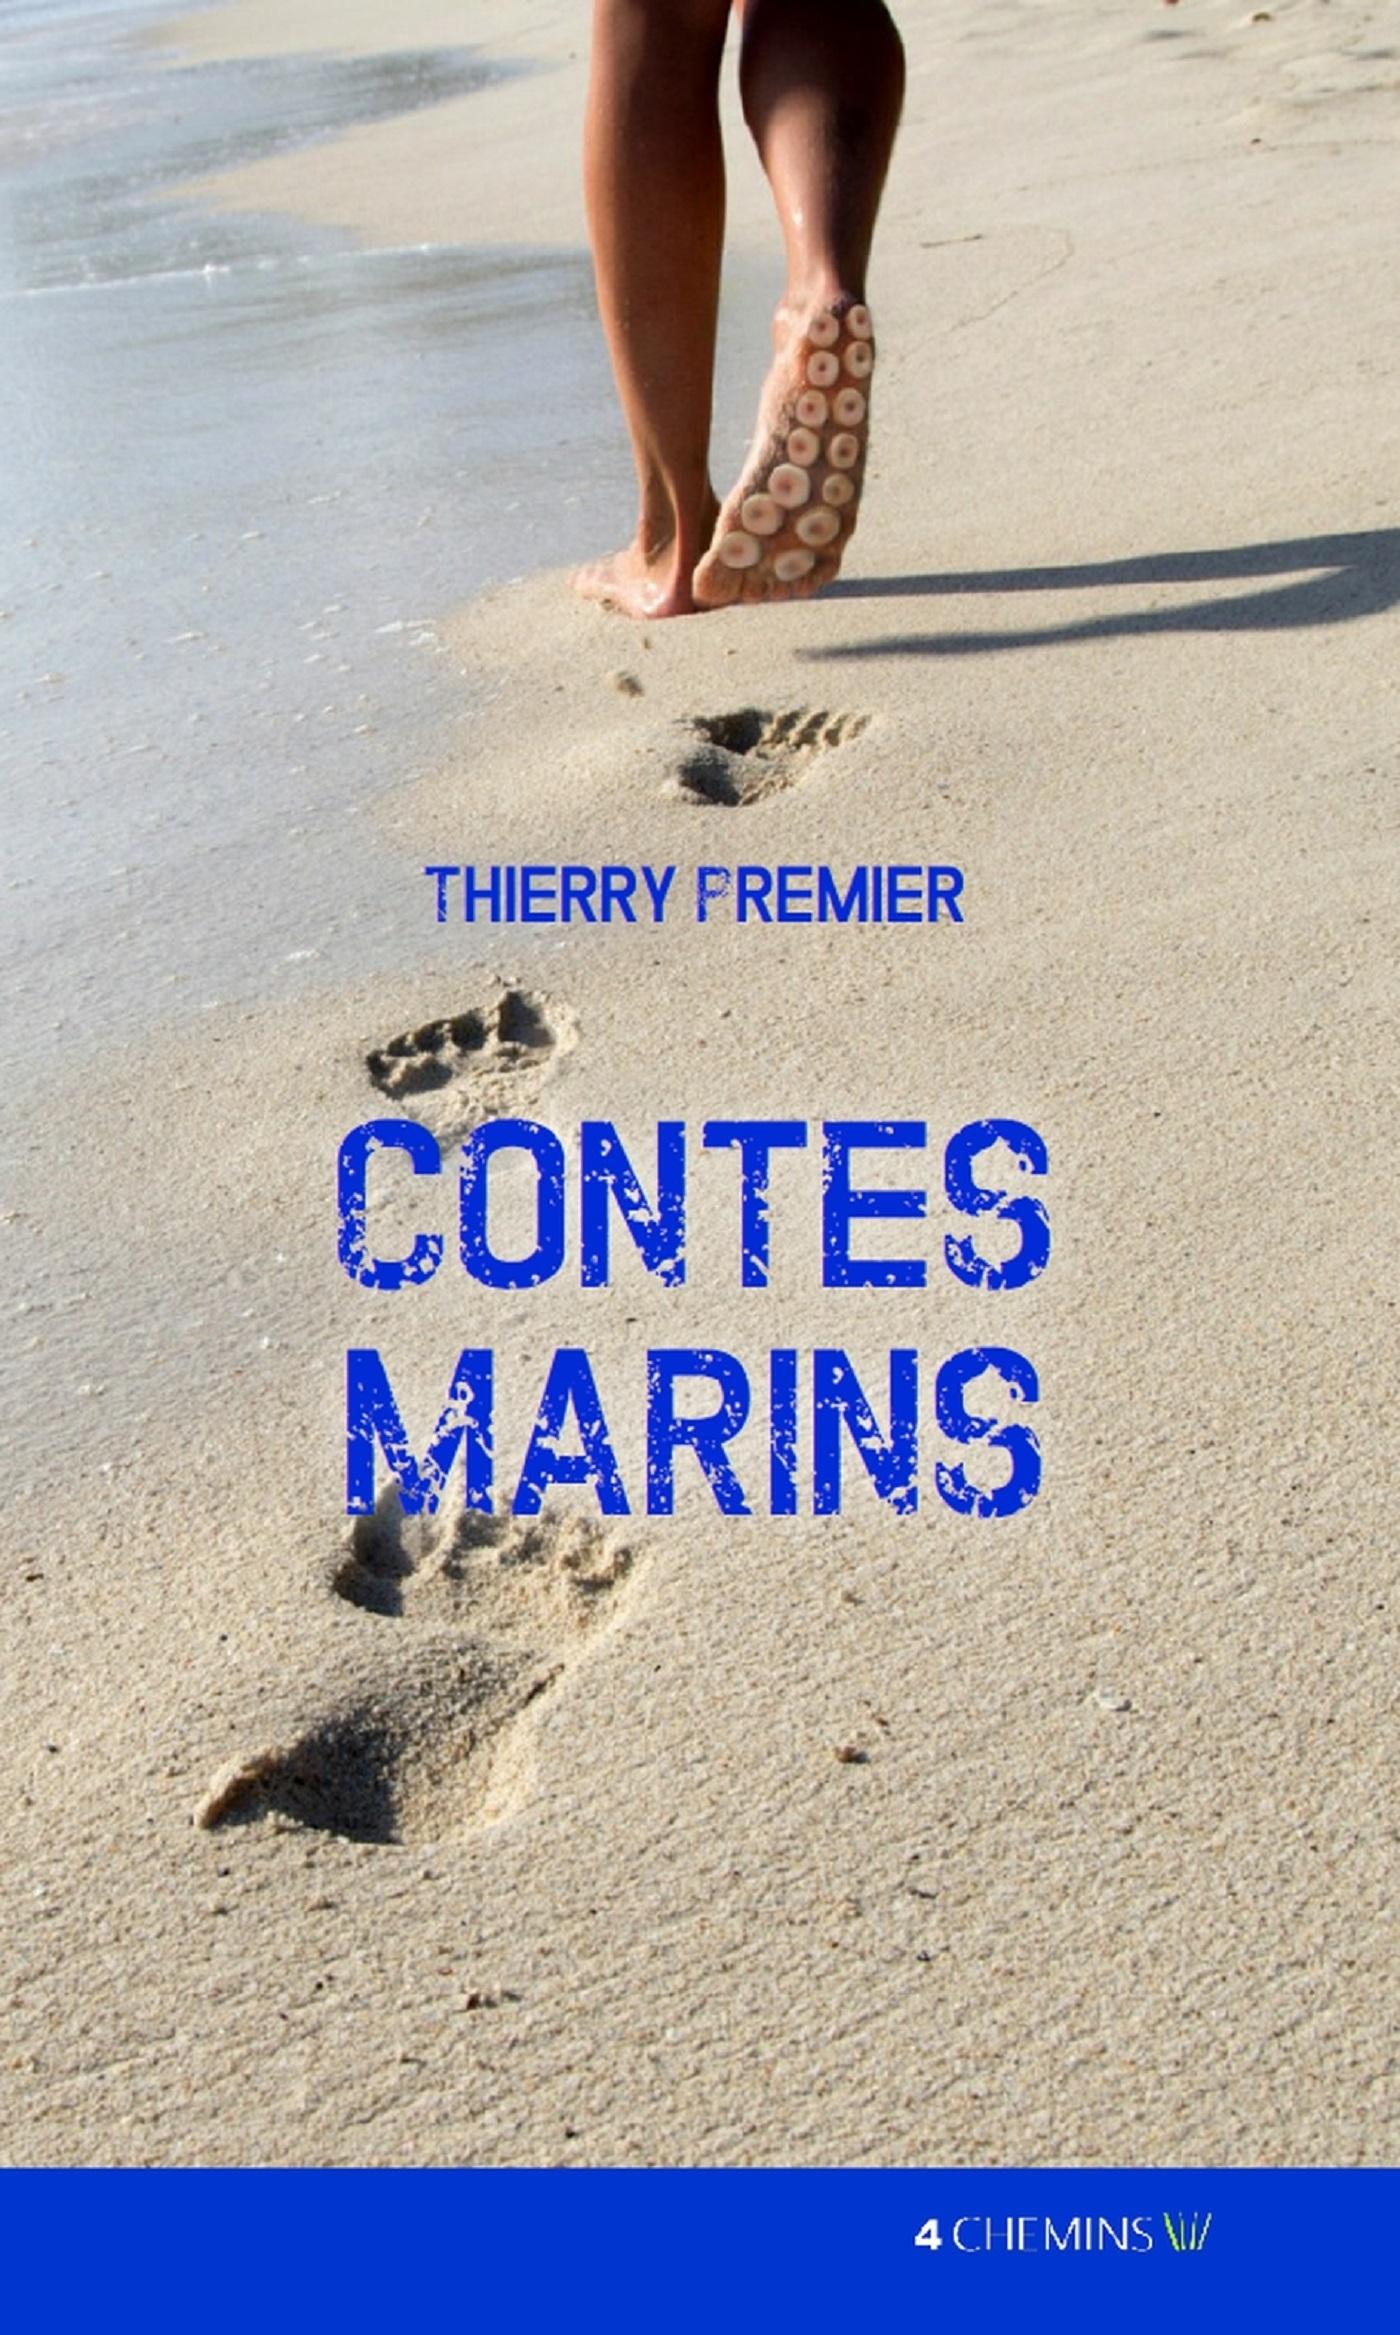 CONTES MARINS